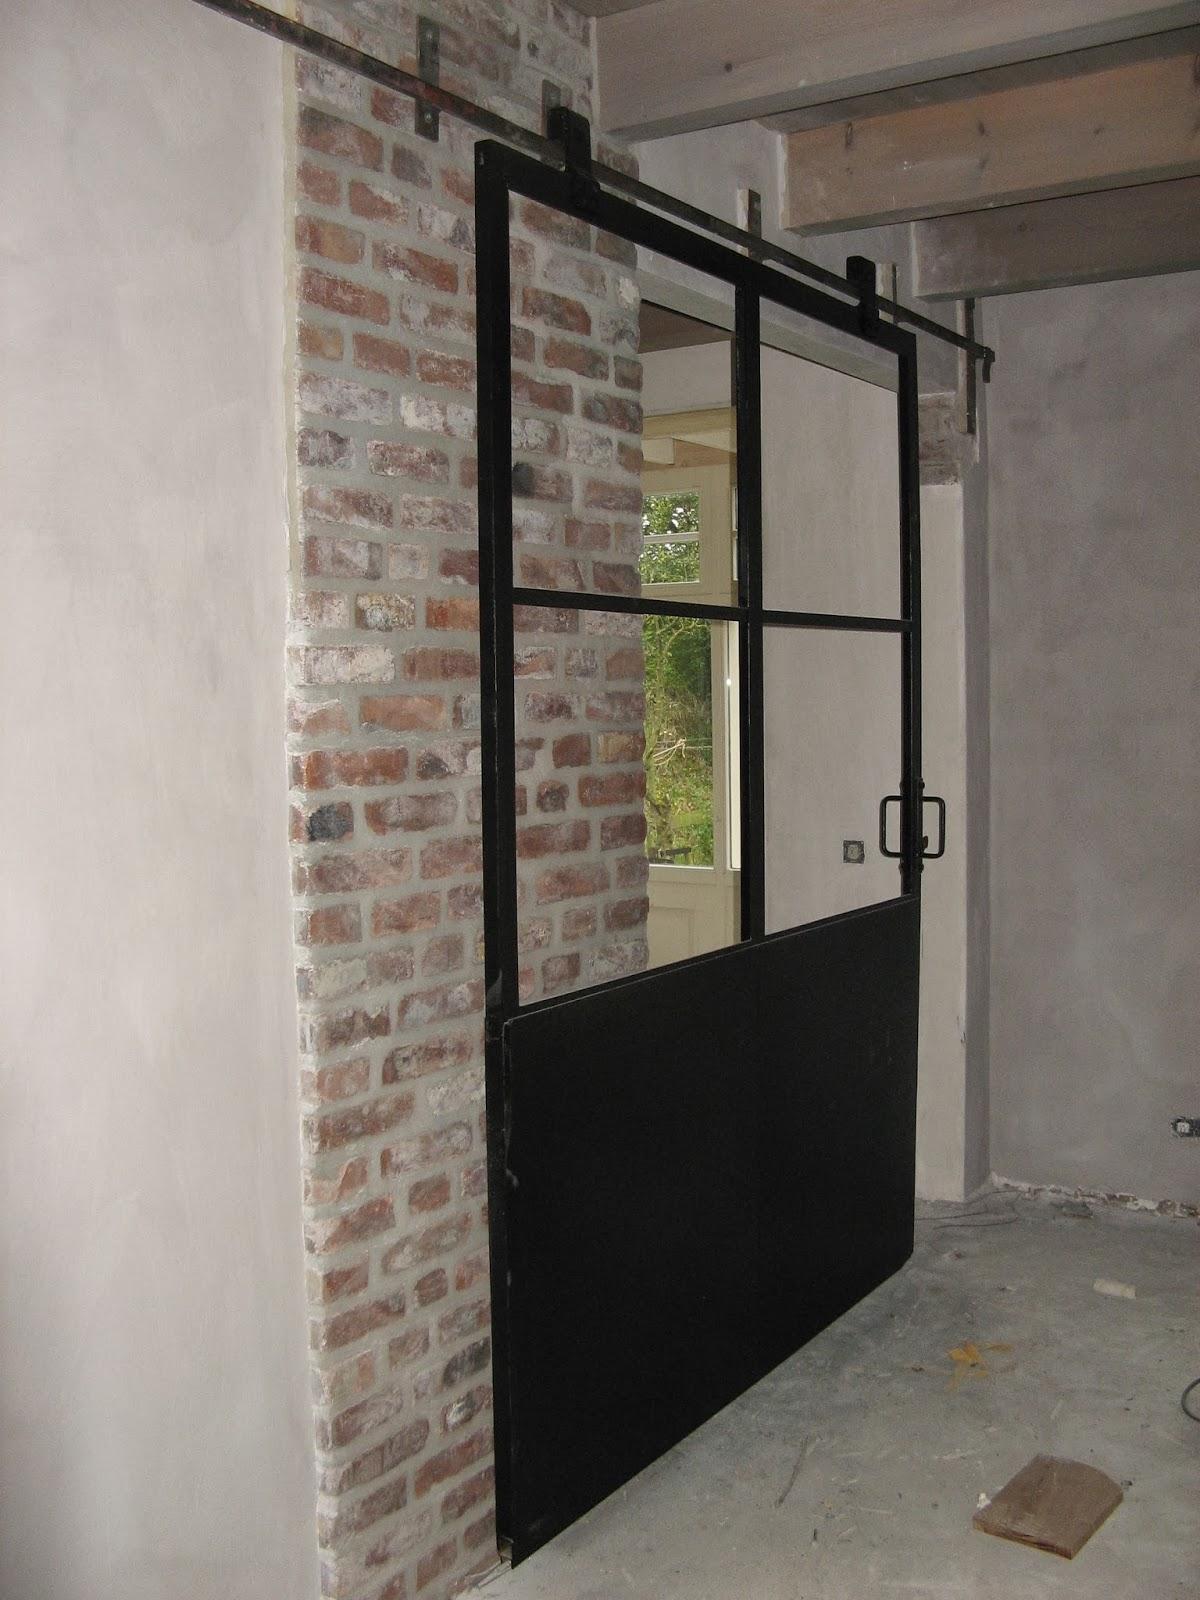 Blauwe Keuken Marktplaats : De deur tussen keuken en speelkamer: oude stalen deur uit een